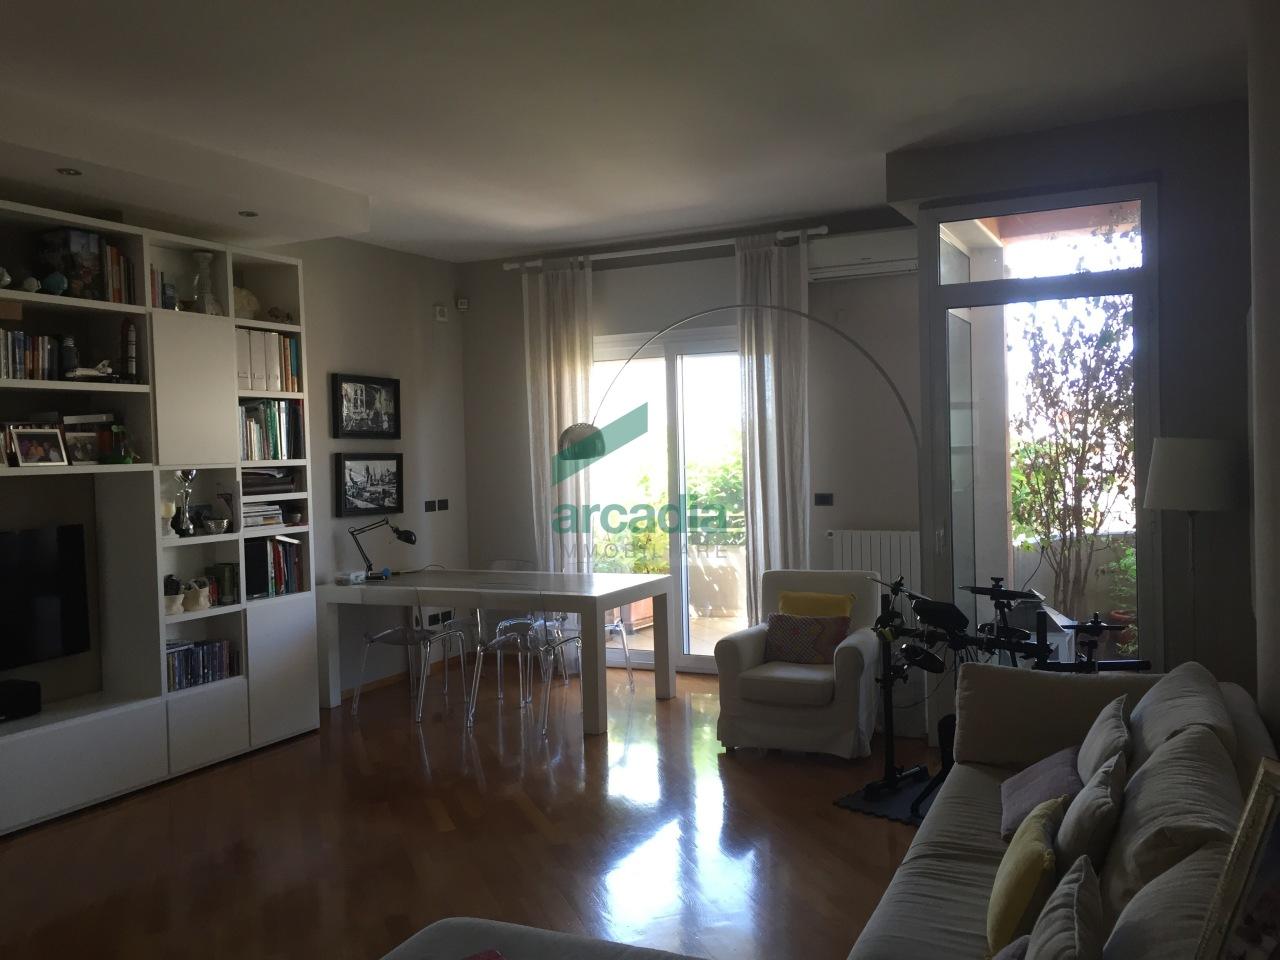 Abitazione - Attico a Carbonara, Bari